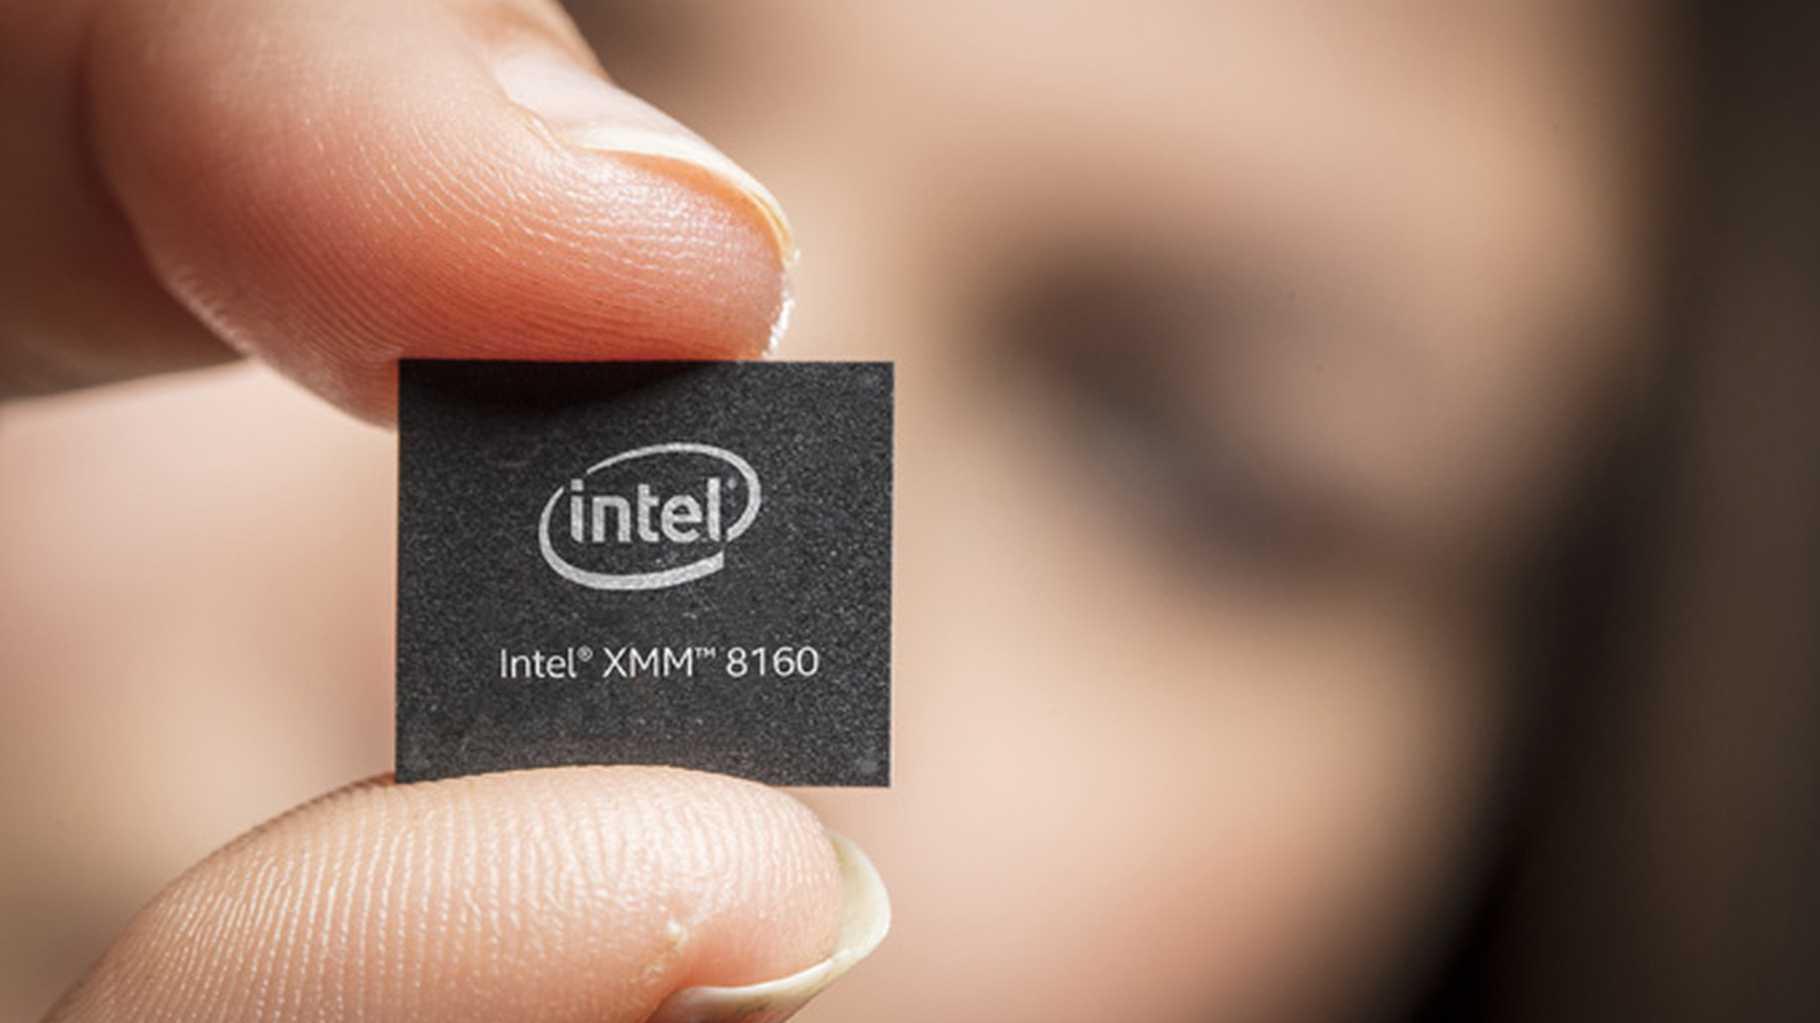 Bericht: Apple wollte Intels Mobilfunkabteilung übernehmen